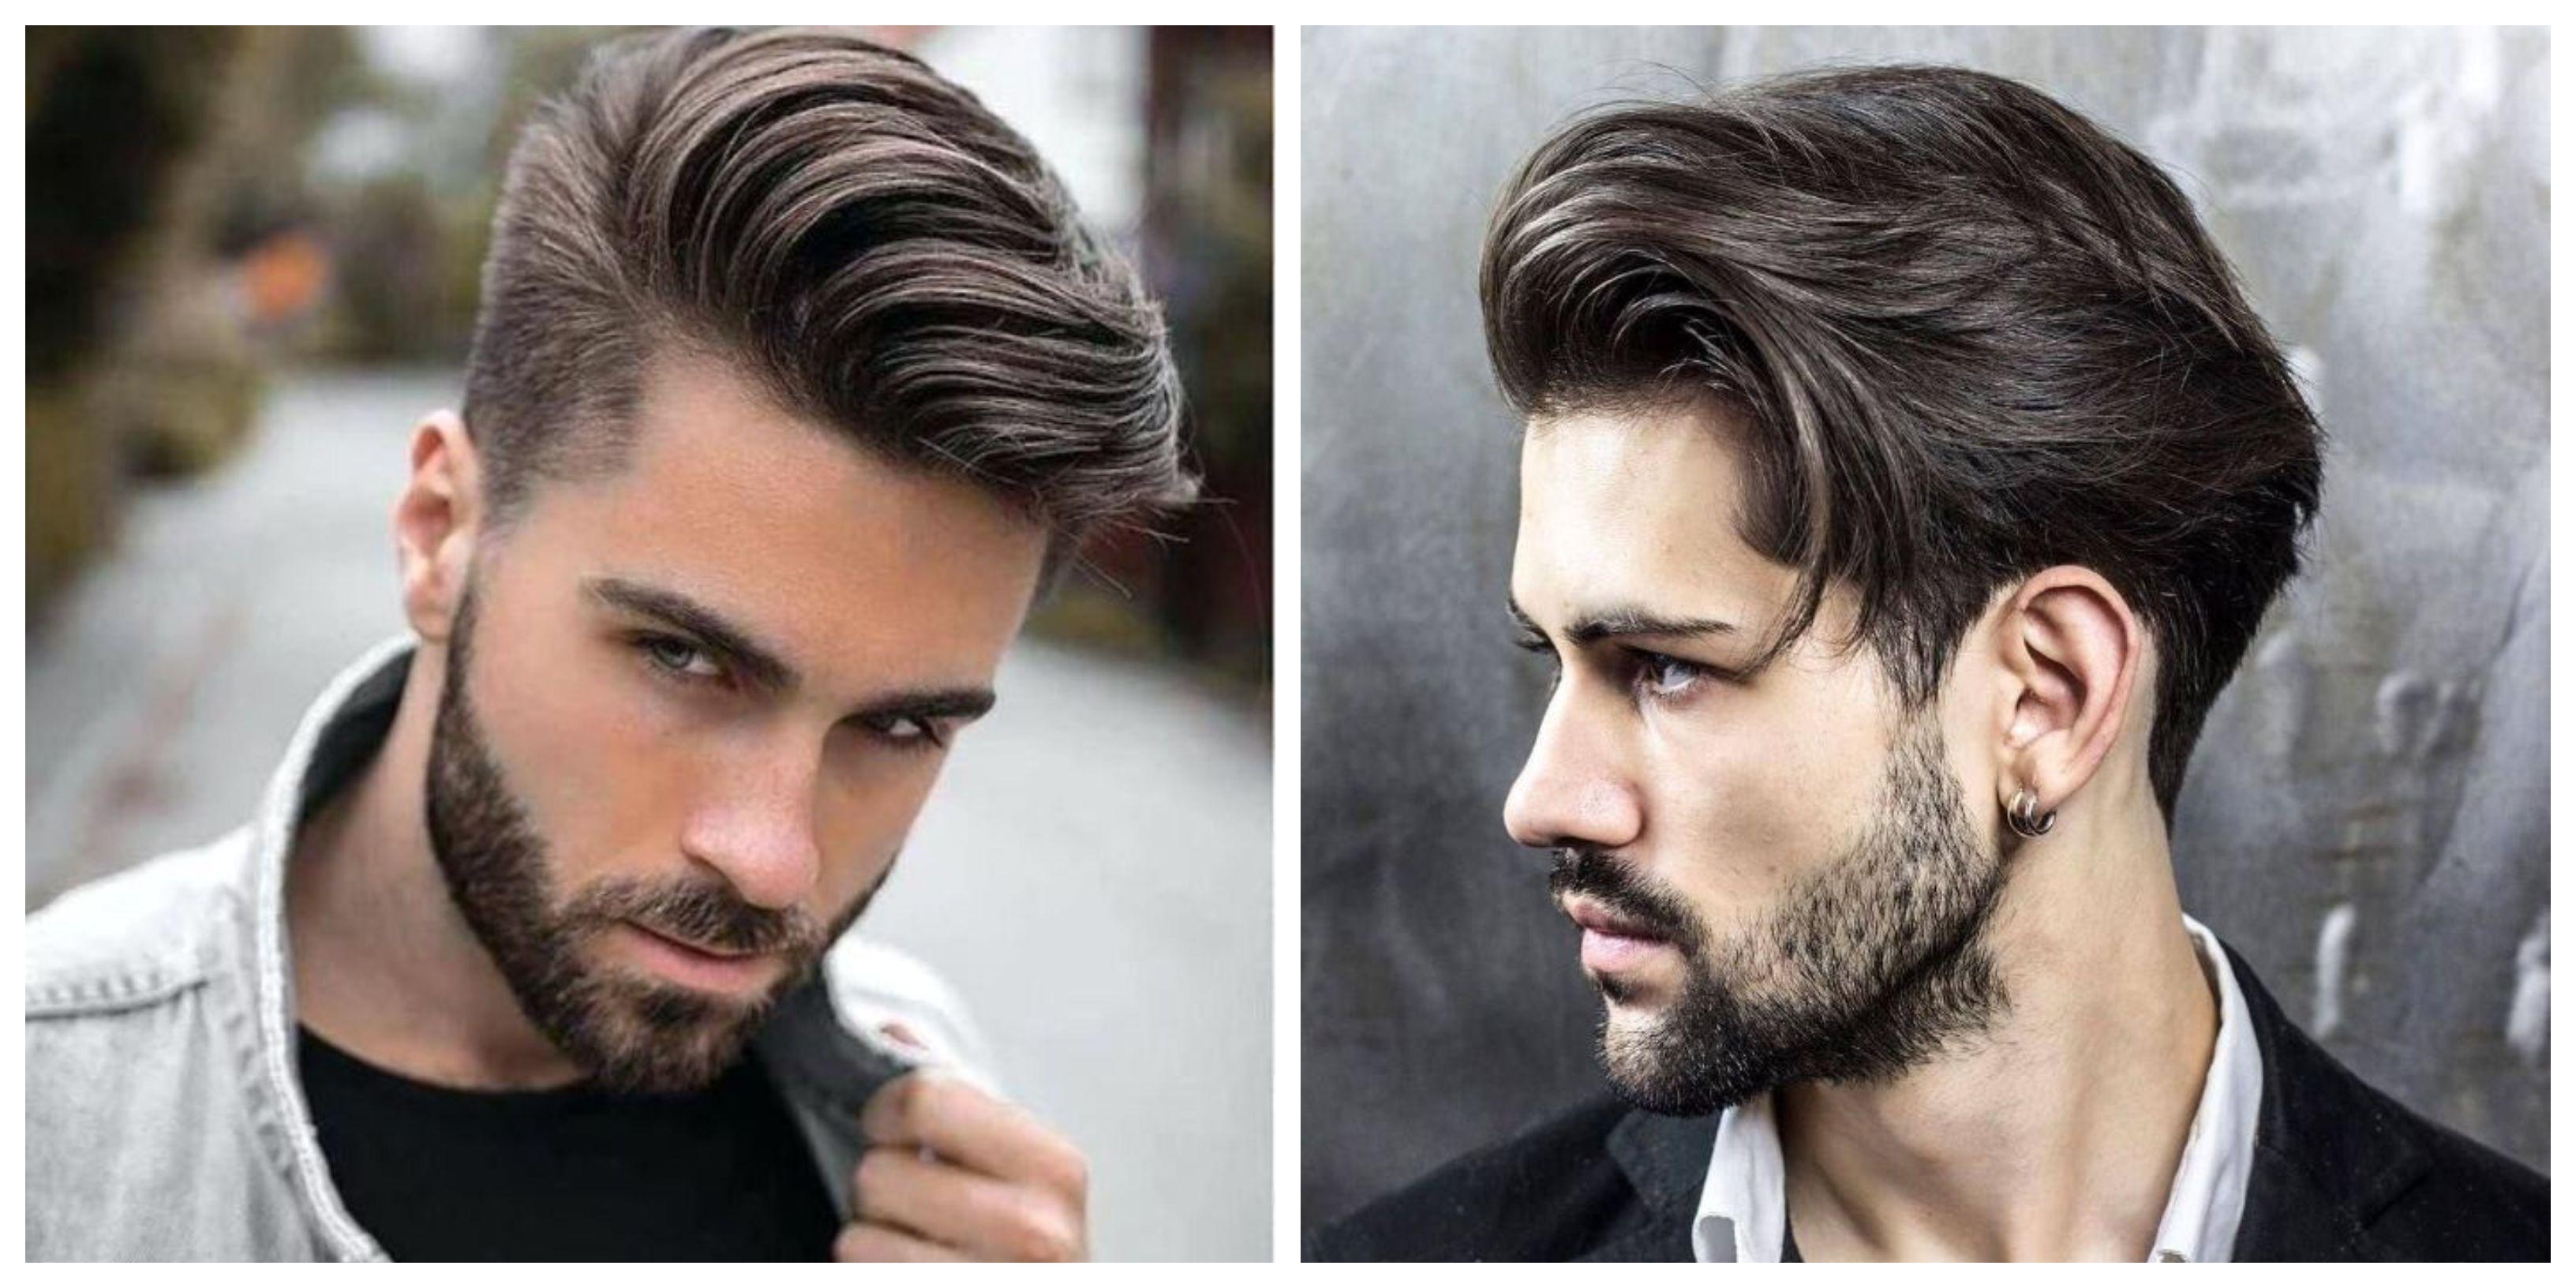 12 Ideen für mittlere Frisuren für Männer: Hit-Trends 12 12